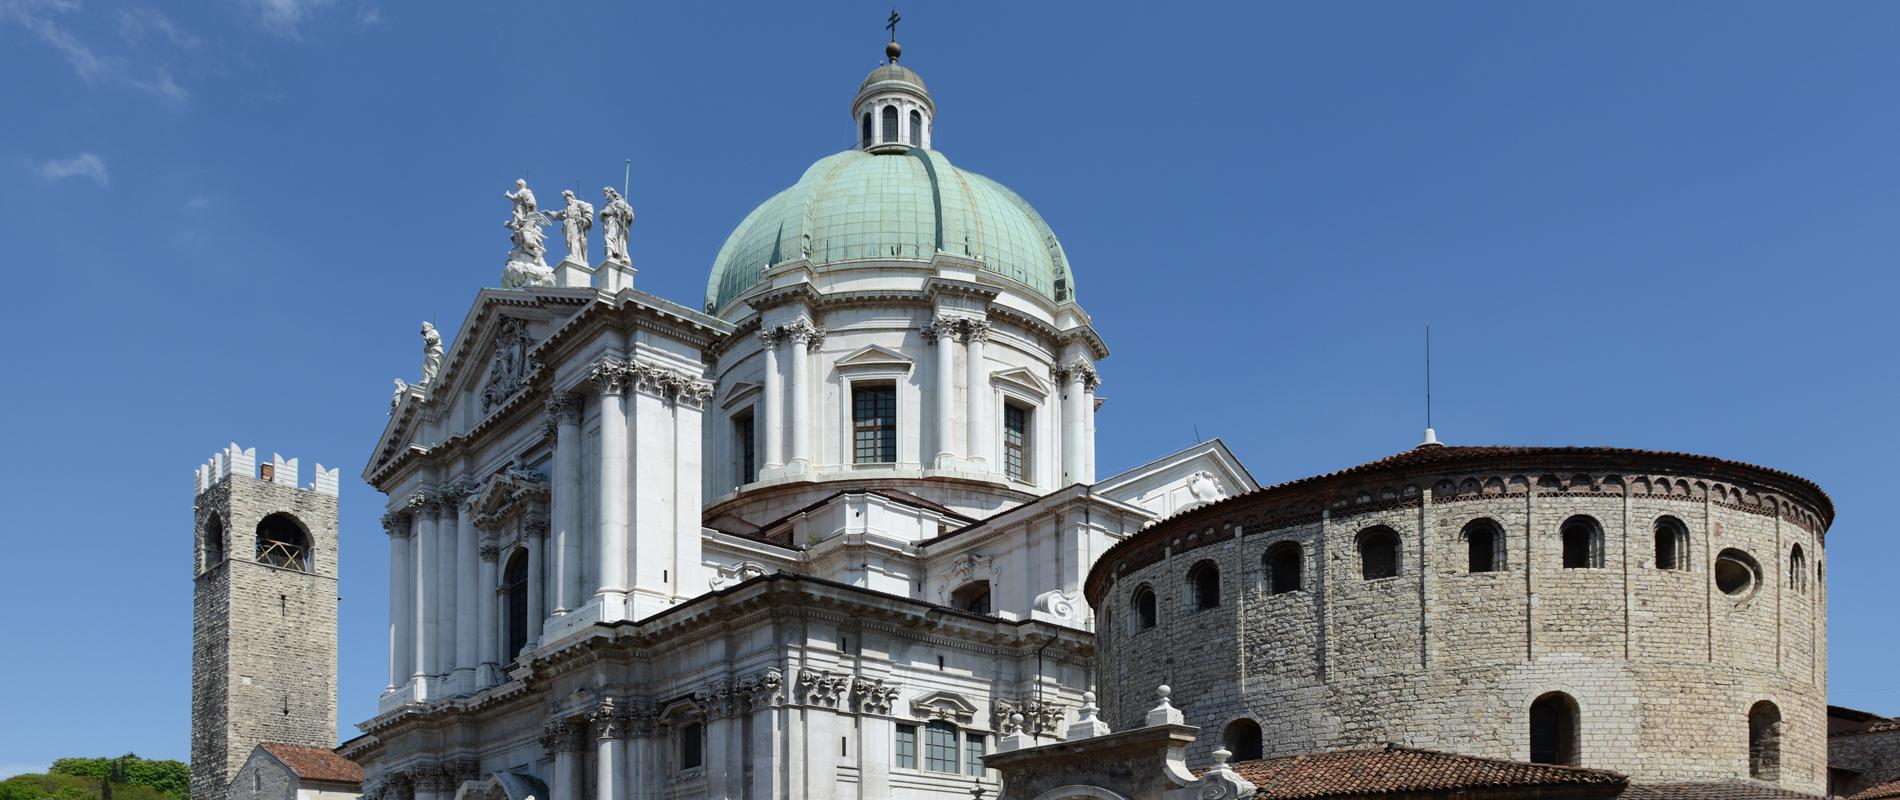 Morandi Immobiliare Brescia